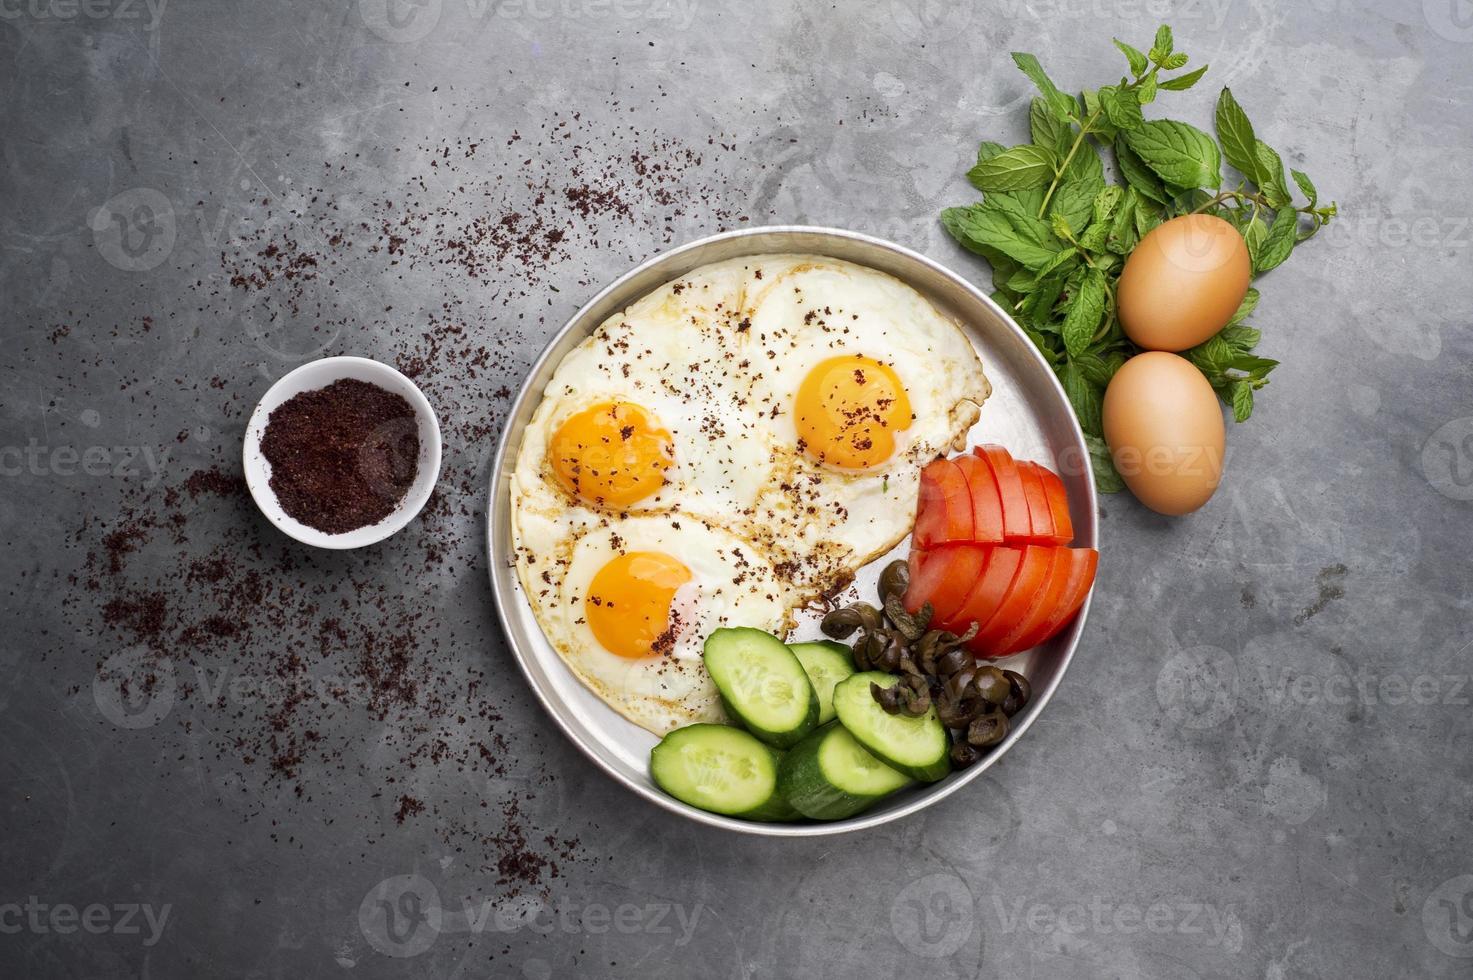 presentatie van gebakken eieren met pepermuntjes, tomaat, olijven, komkommer en sumak foto